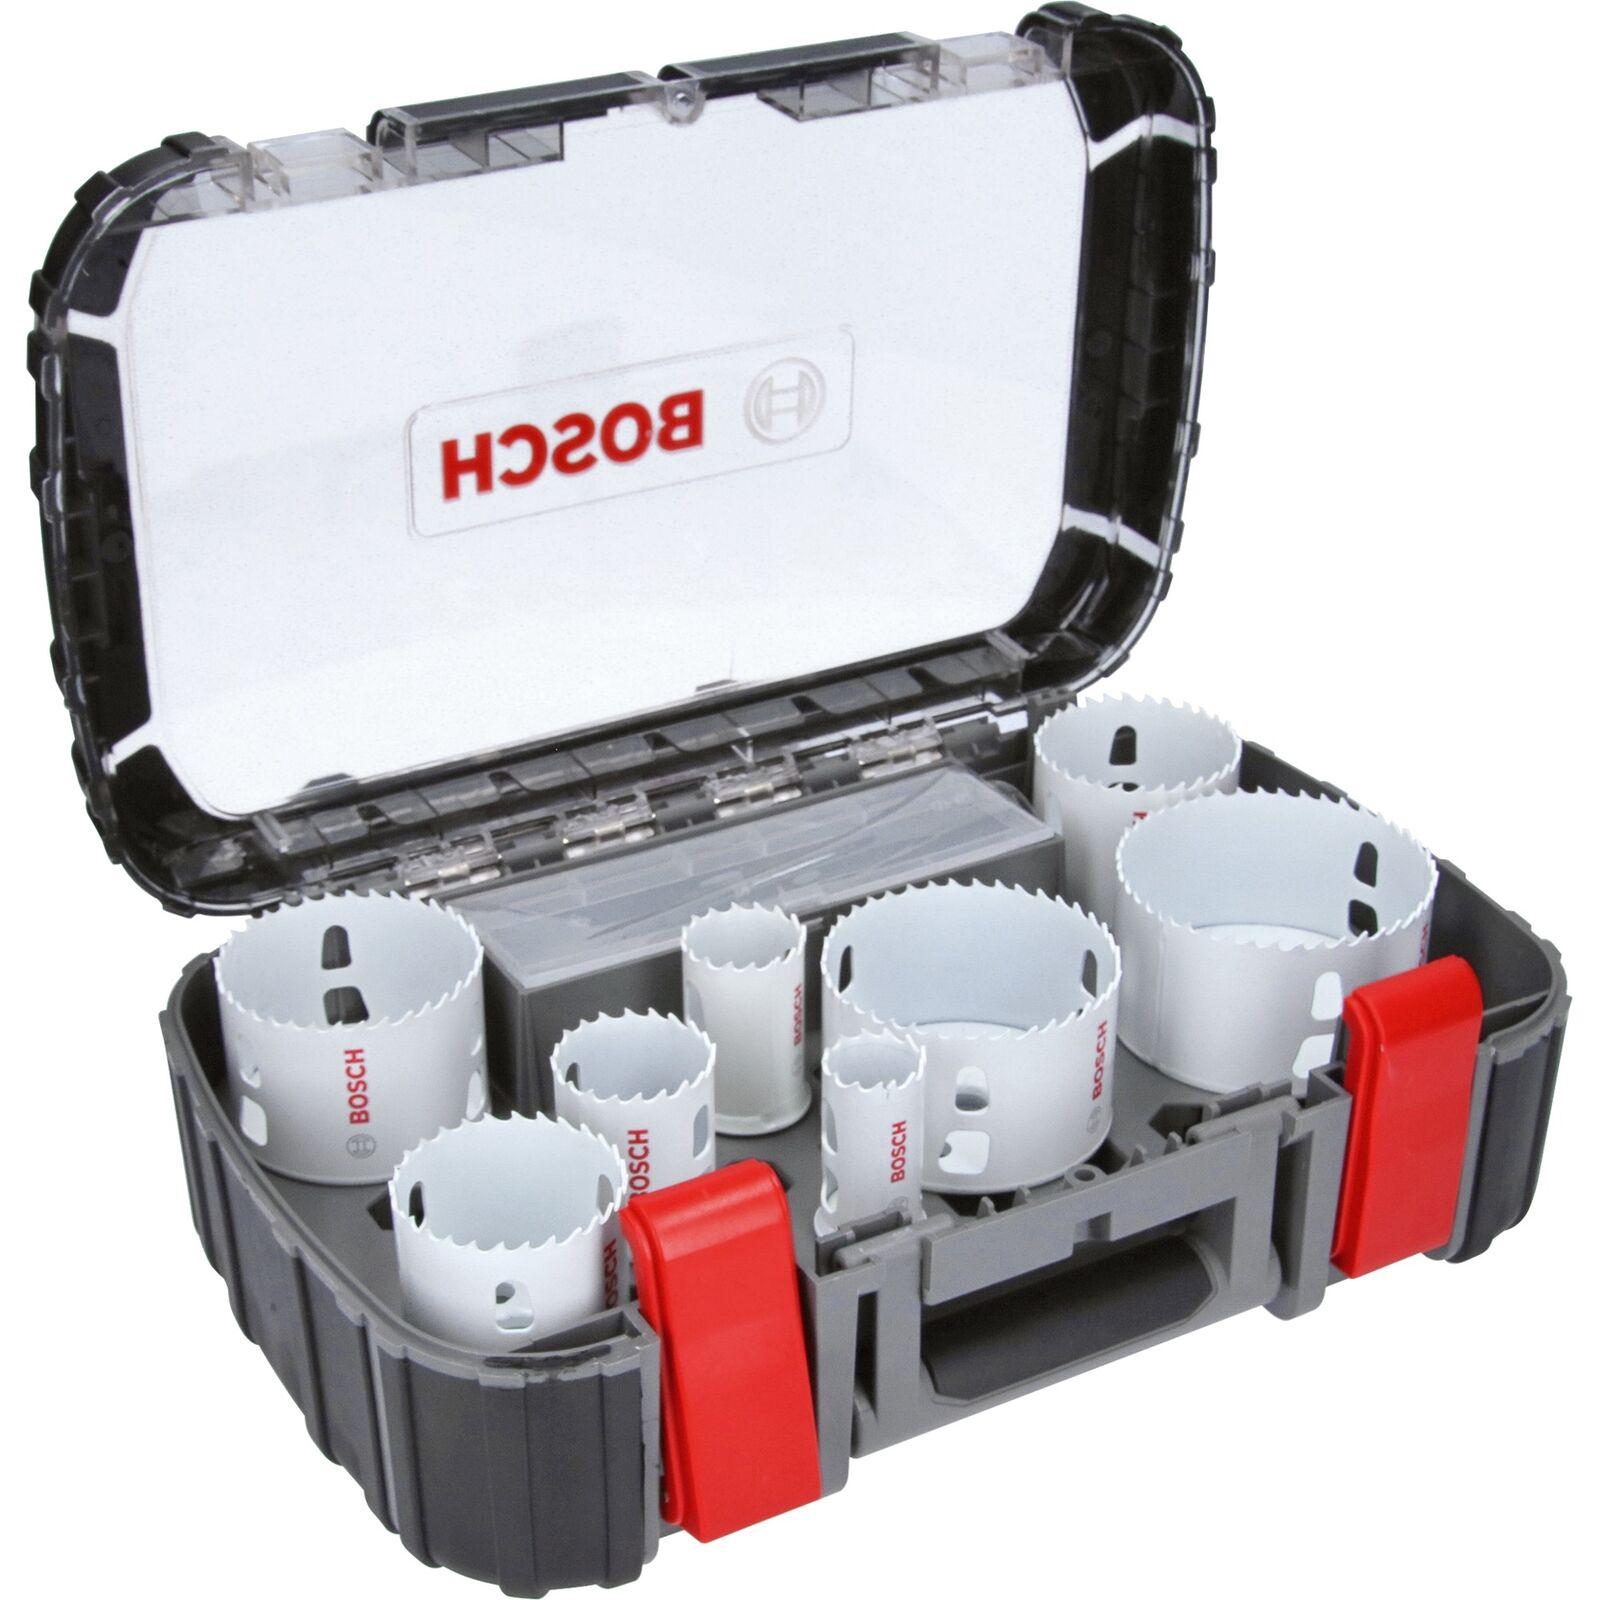 Bosch Professional Lochsägen-Set Progressor Universal, 11-teilig, weiß